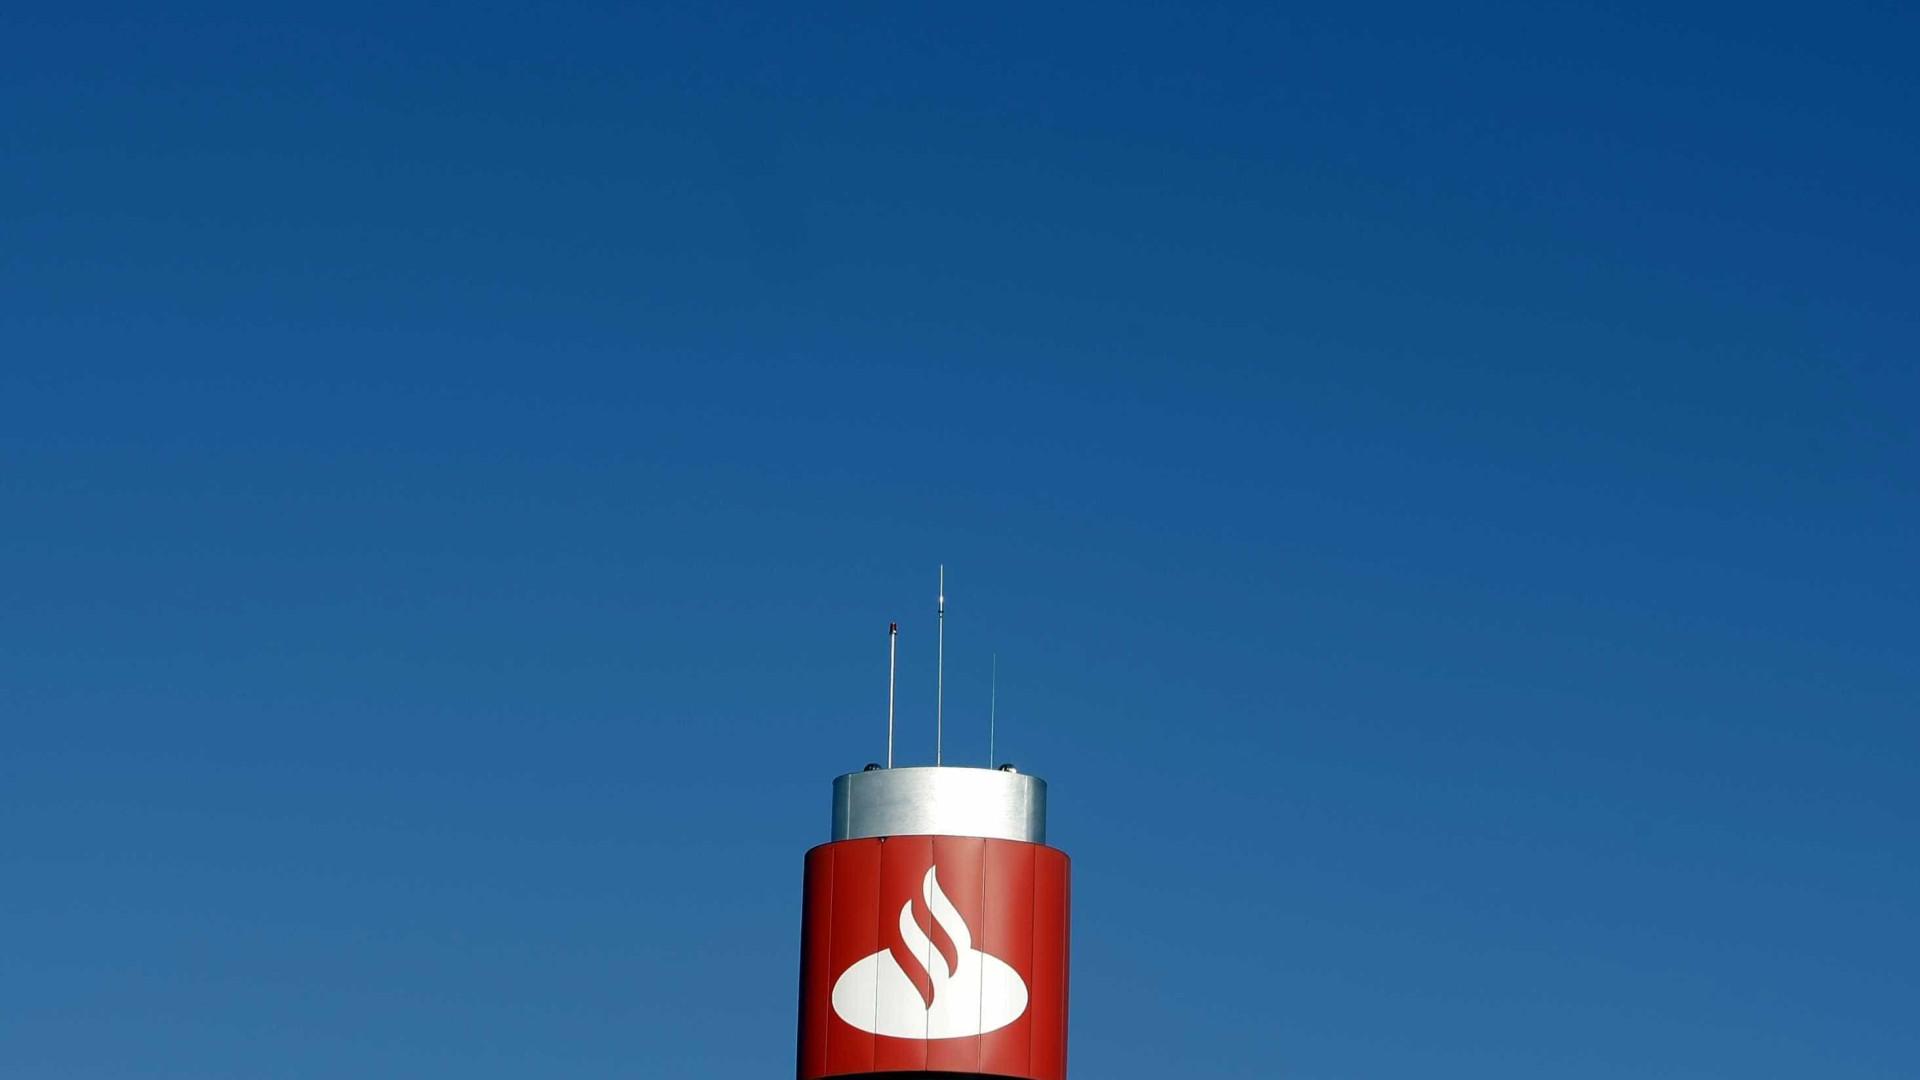 """Saíram cerca de 200 trabalhadores do Santander por """"mútuo acordo"""""""